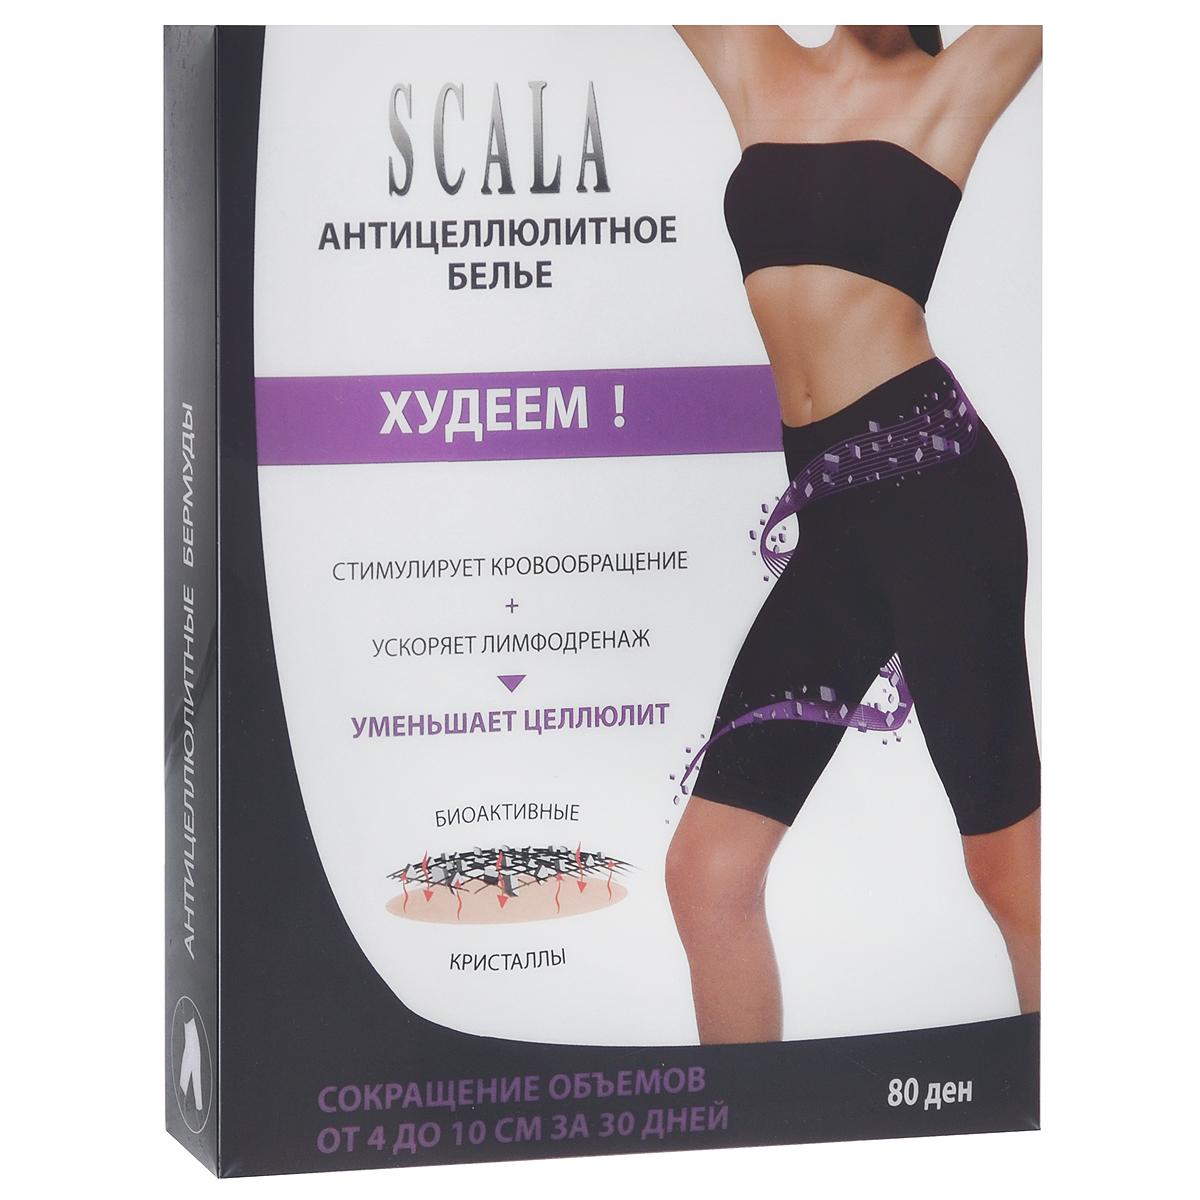 Корректирующее белье6635Корректирующие антицеллюлитные бермуды Scala 80 - подчеркивают силуэт и идеально подходят для занятий спортом, удобны и незаметны под одеждой. Активные Био Кристаллы, вплетенные в ткань, преобразуют тепло тела в длинноволновое инфракрасное излучение, обеспечивают постоянную стимуляцию клеточного кровообращения. Инфракрасное излучение действует на кожу на уровне гиподермы, стимулируя выработку окиси азота и уменьшить количество внеклеточной жидкости. Таким образом, происходит борьба с причиной целлюлита - скоплением жидкости и застоем кровообращения. Бермуды не только подтягивают фигуру, но и стимулируют микроциркуляцию клетки, способствуя исчезновению целлюлита и похудению. Секрет Scala в действии активных биокристаллов, содержащихся в волокне этого чудо-белья. Их взаимодействие с кожей на проблемных участках тела создает мощный лимфодренажный эффект, ускоряет обменные процессы и улучшает микроциркуляцию. Клинические исследования показали ошеломляющие...